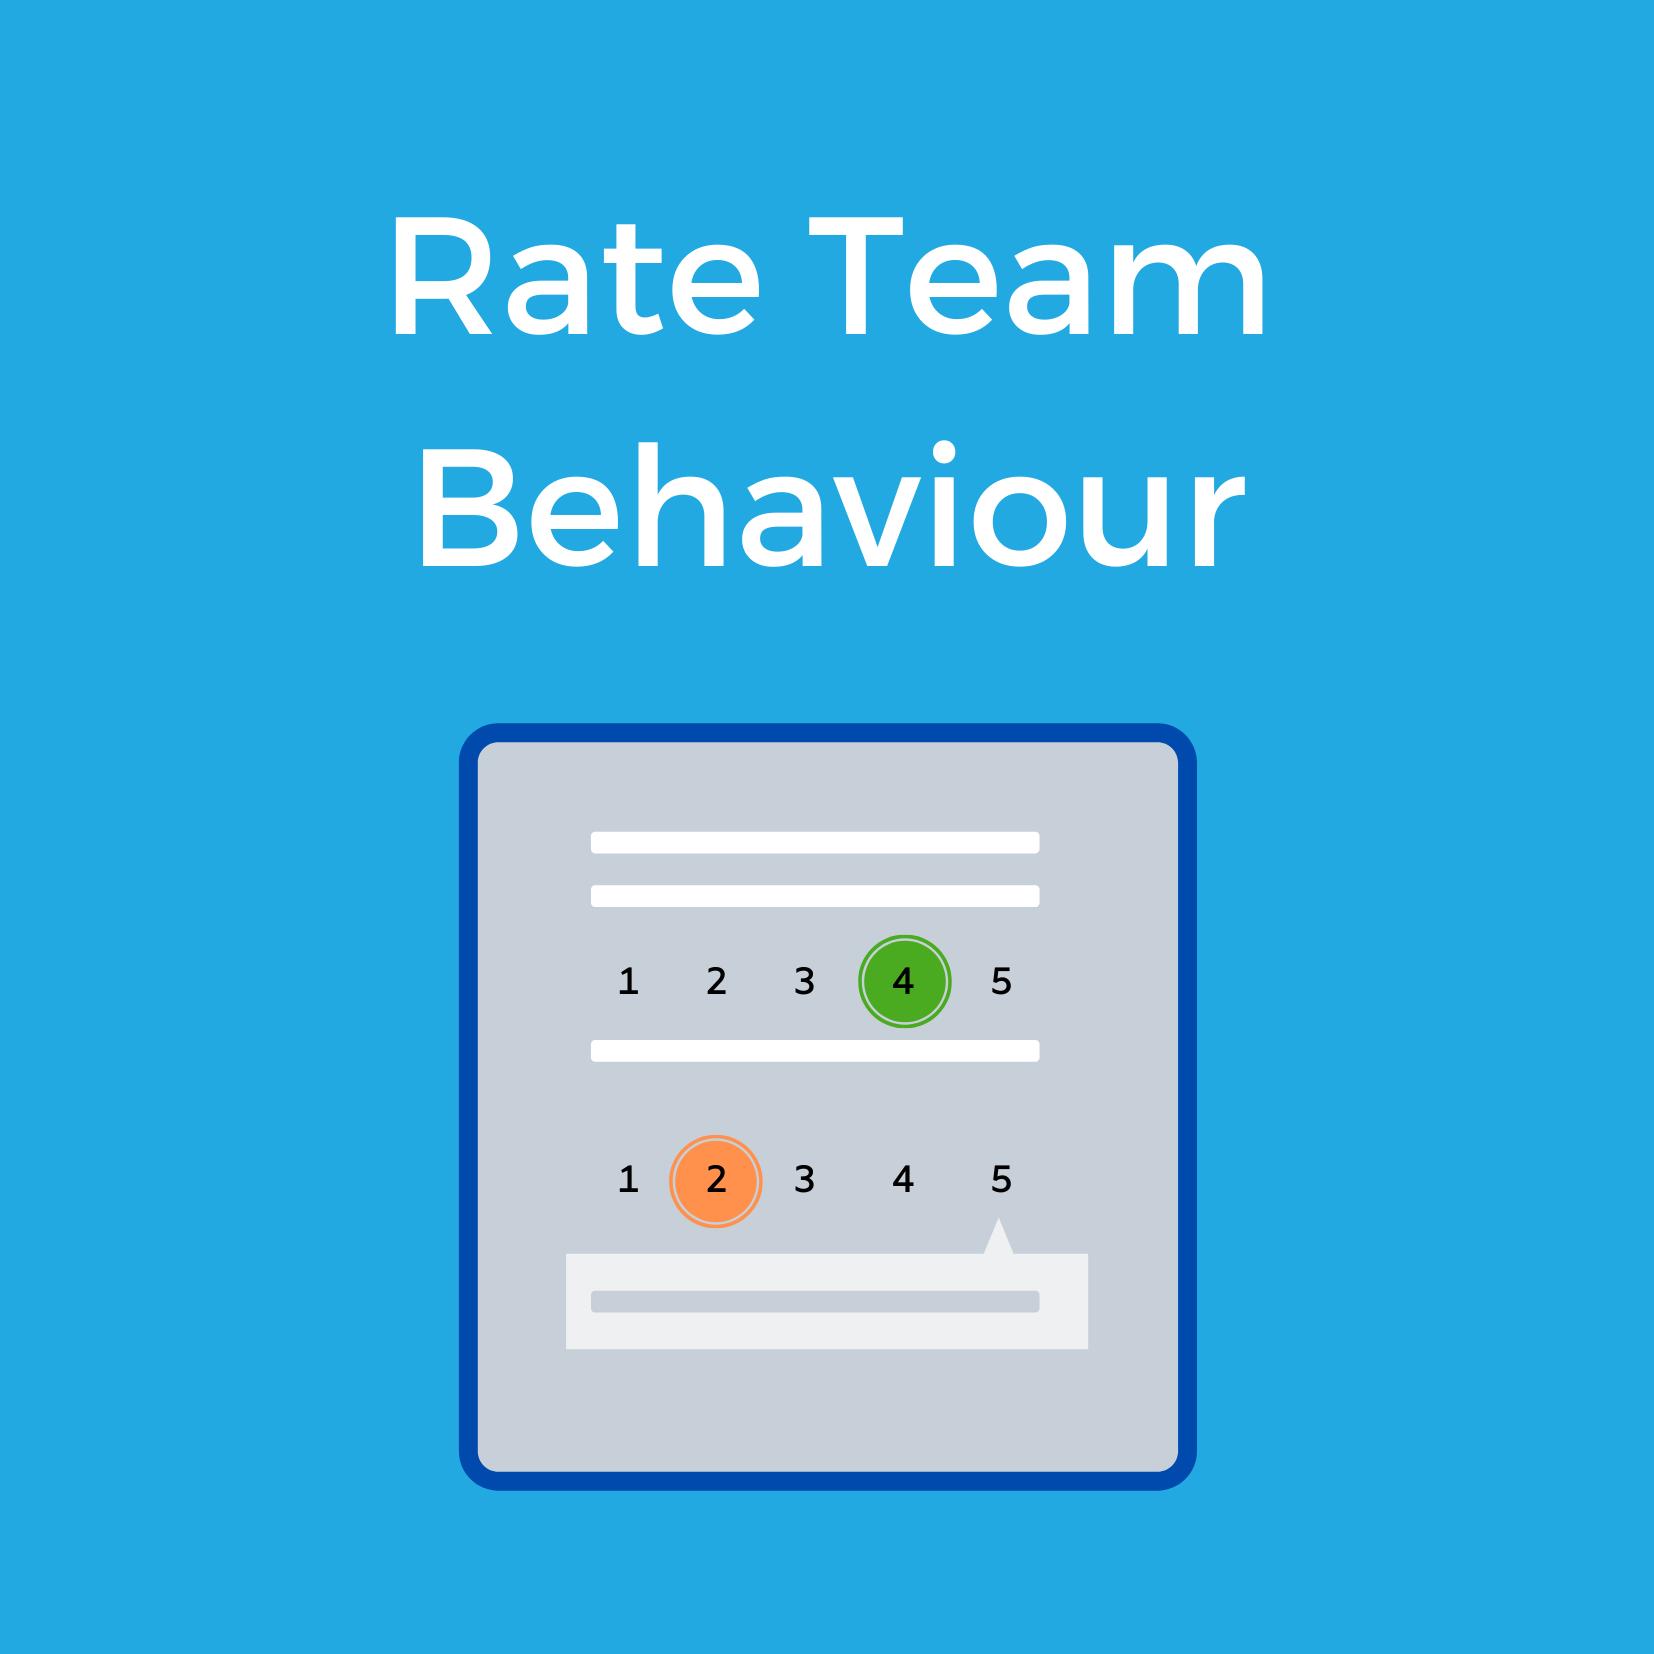 Rate Team Behaviour